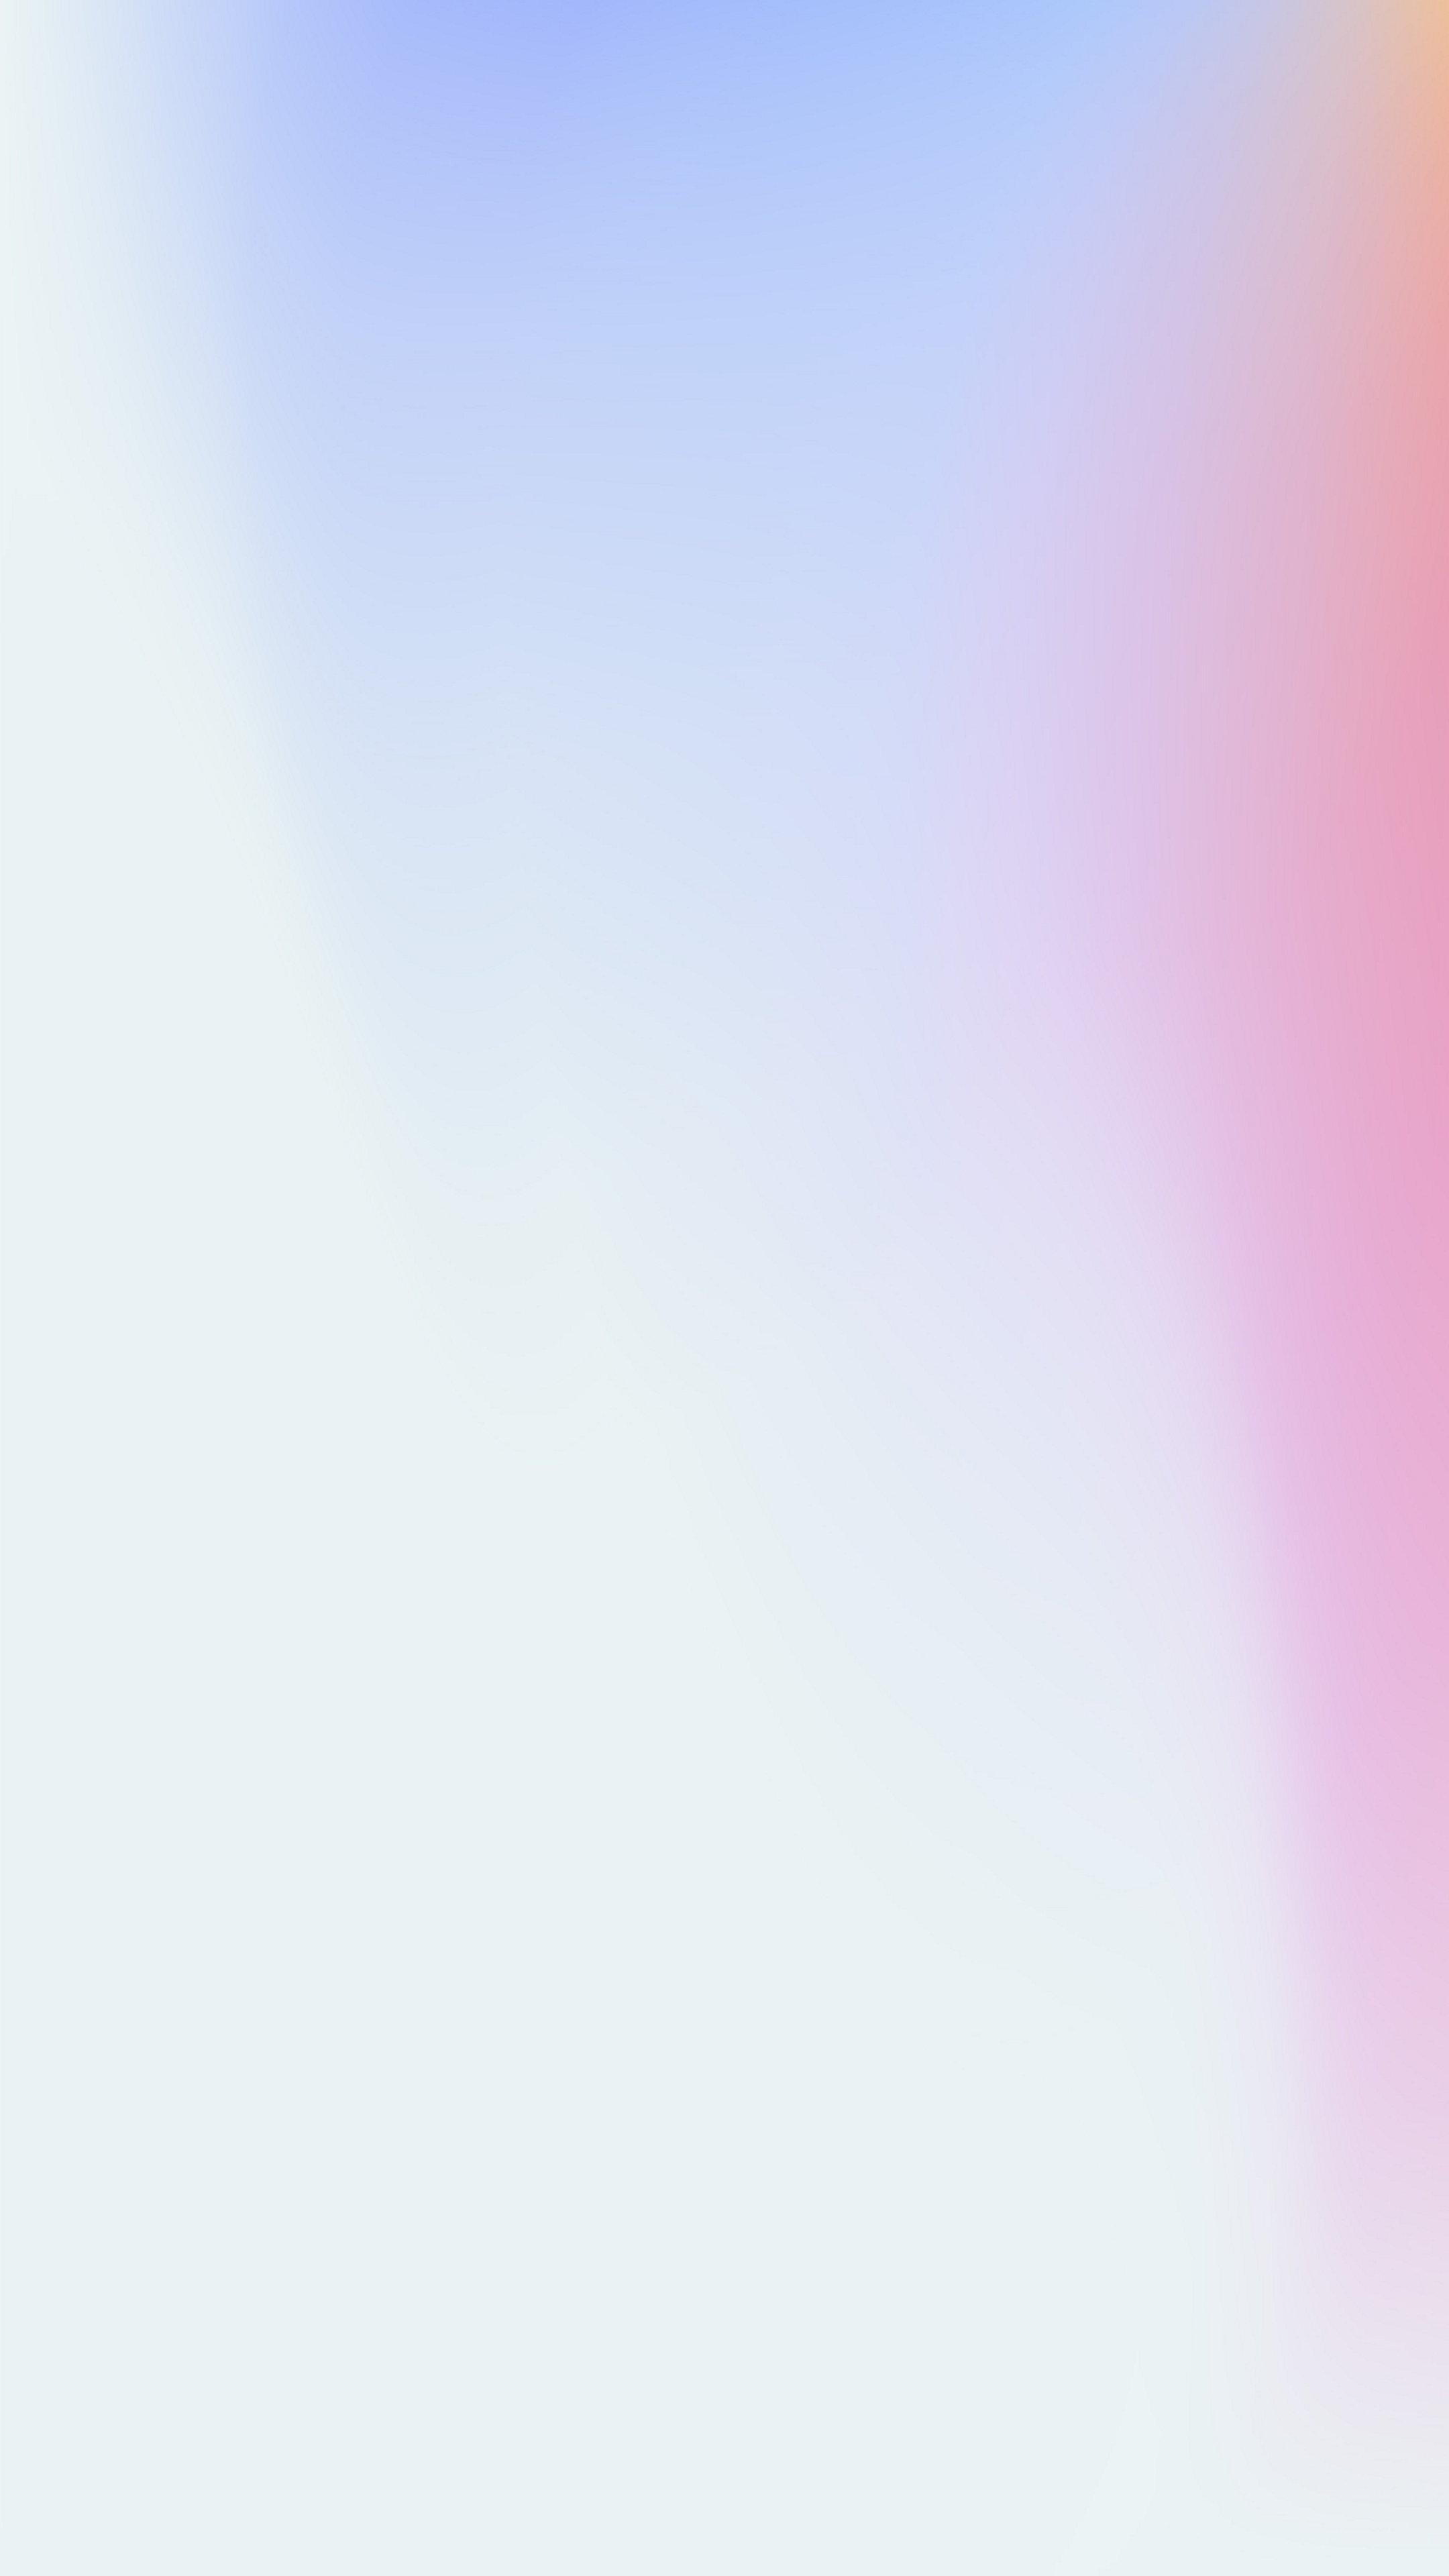 Dusty Blue Gradient Wallpaper